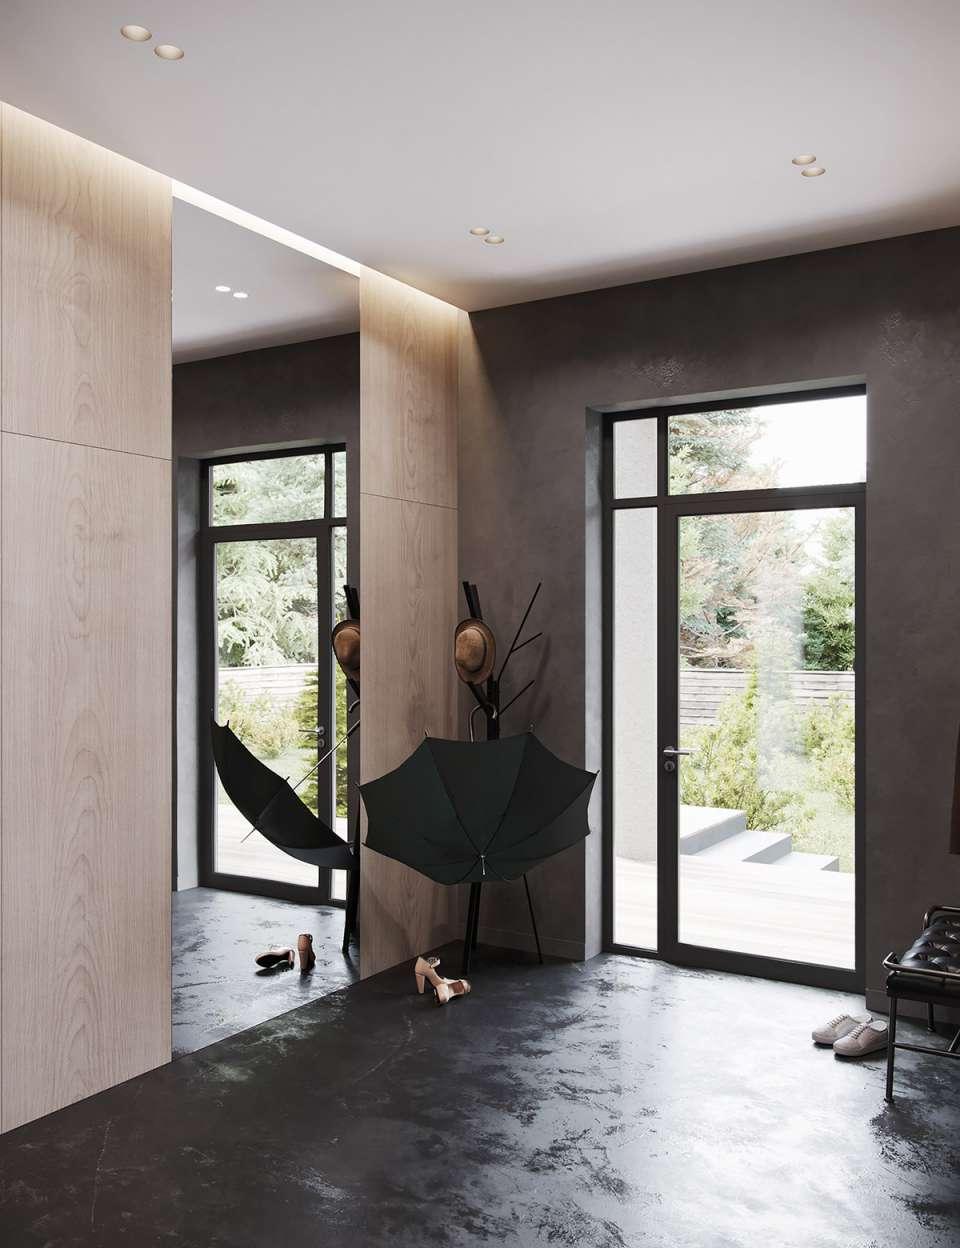 طراحی خانه با رنگ مشکی